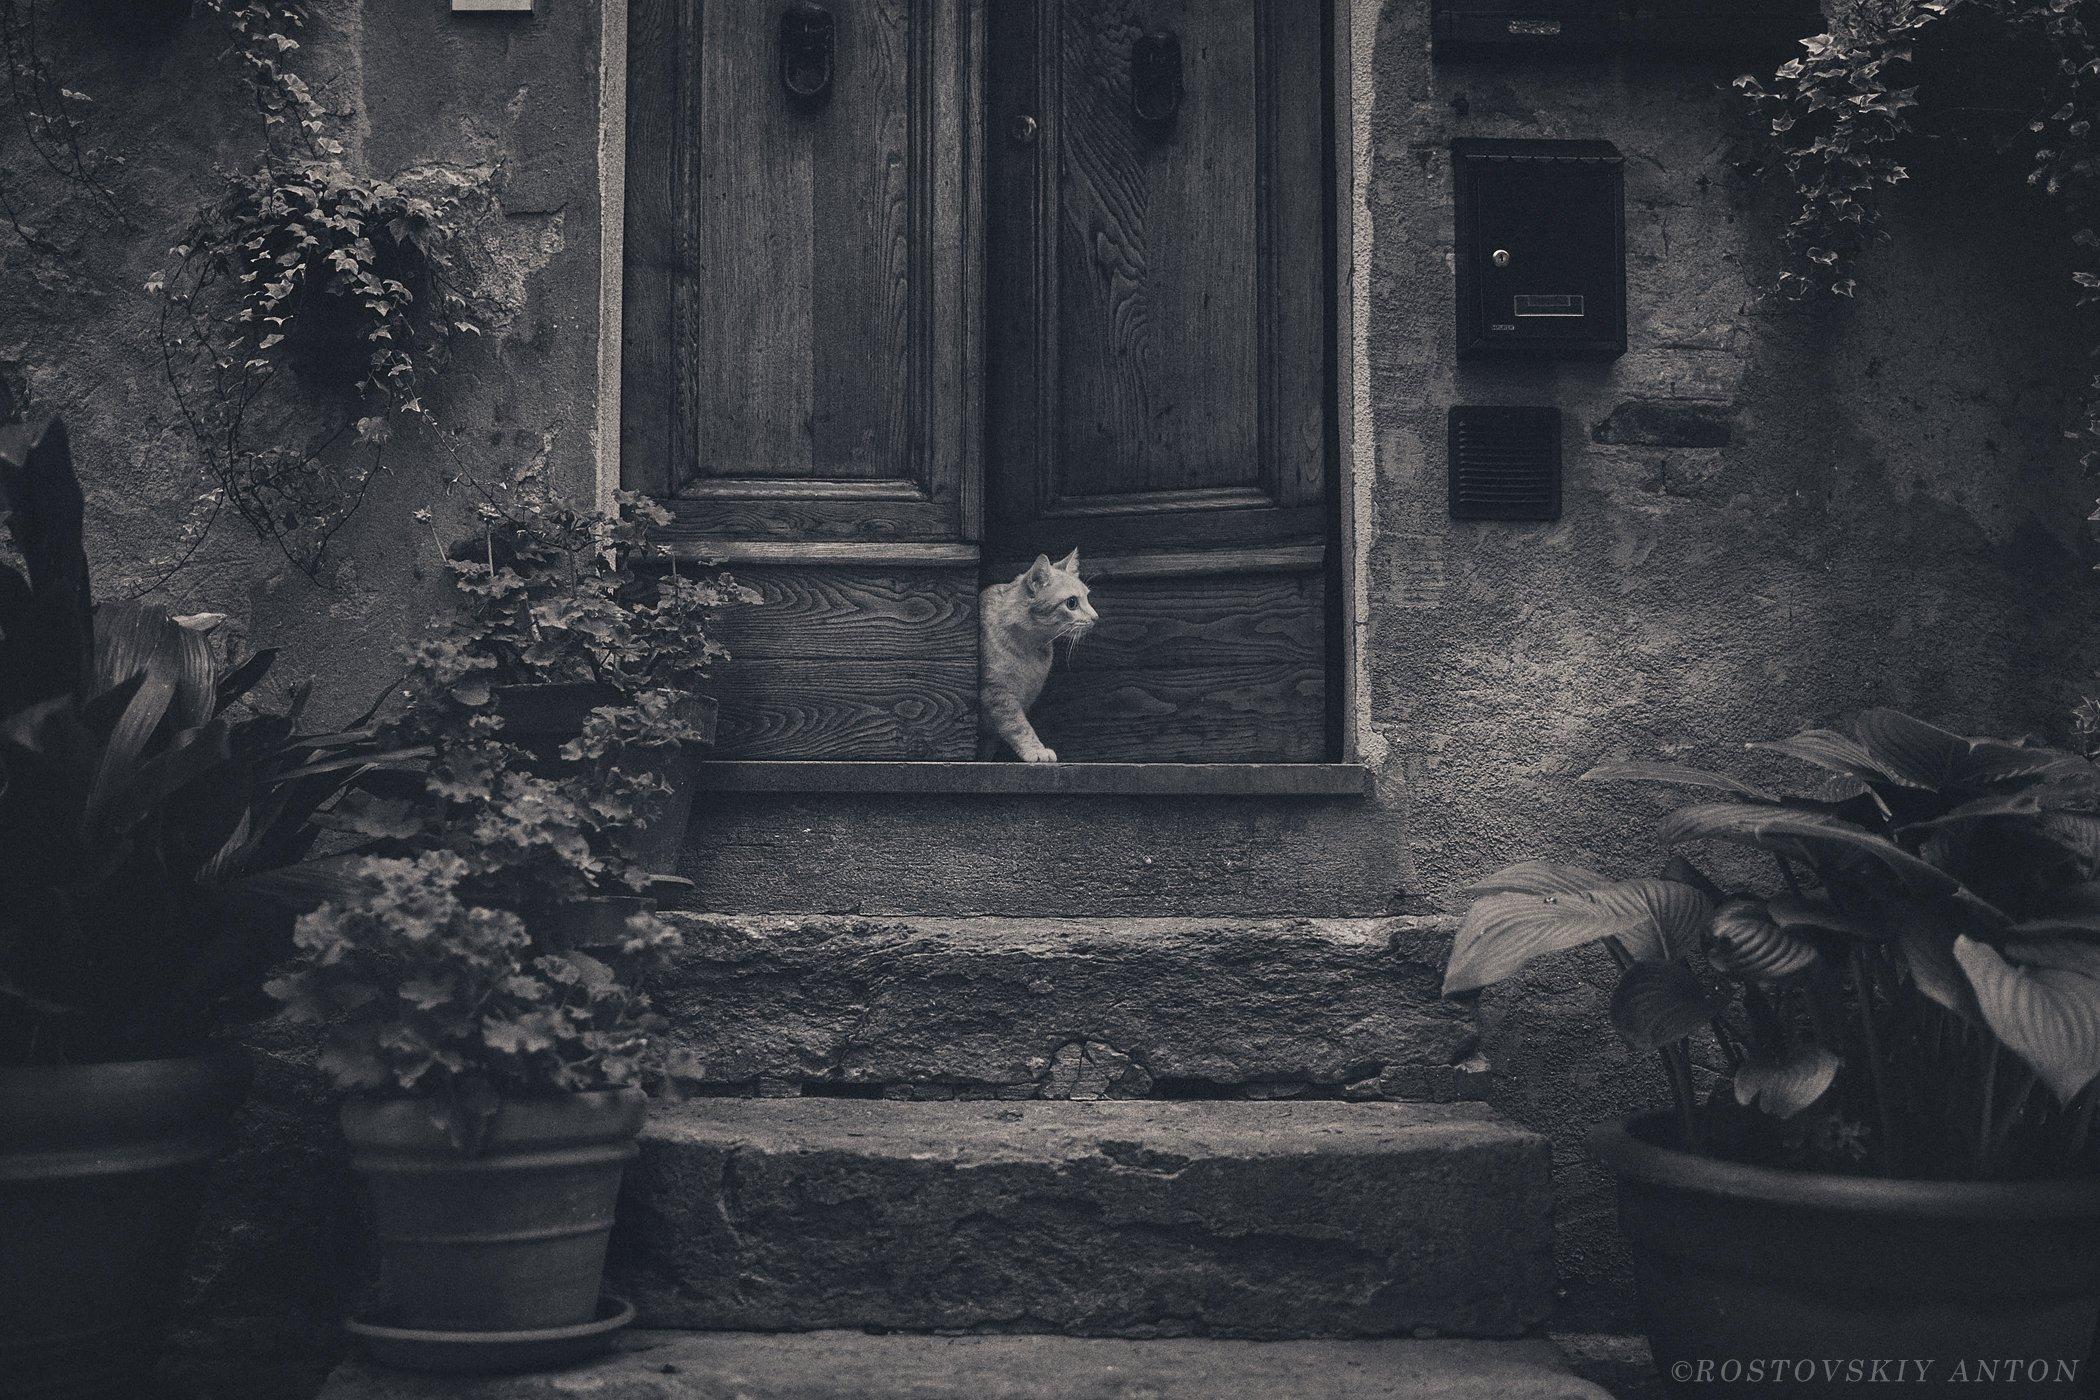 кот, город, крыльцо, фототур,, Ростовский Антон